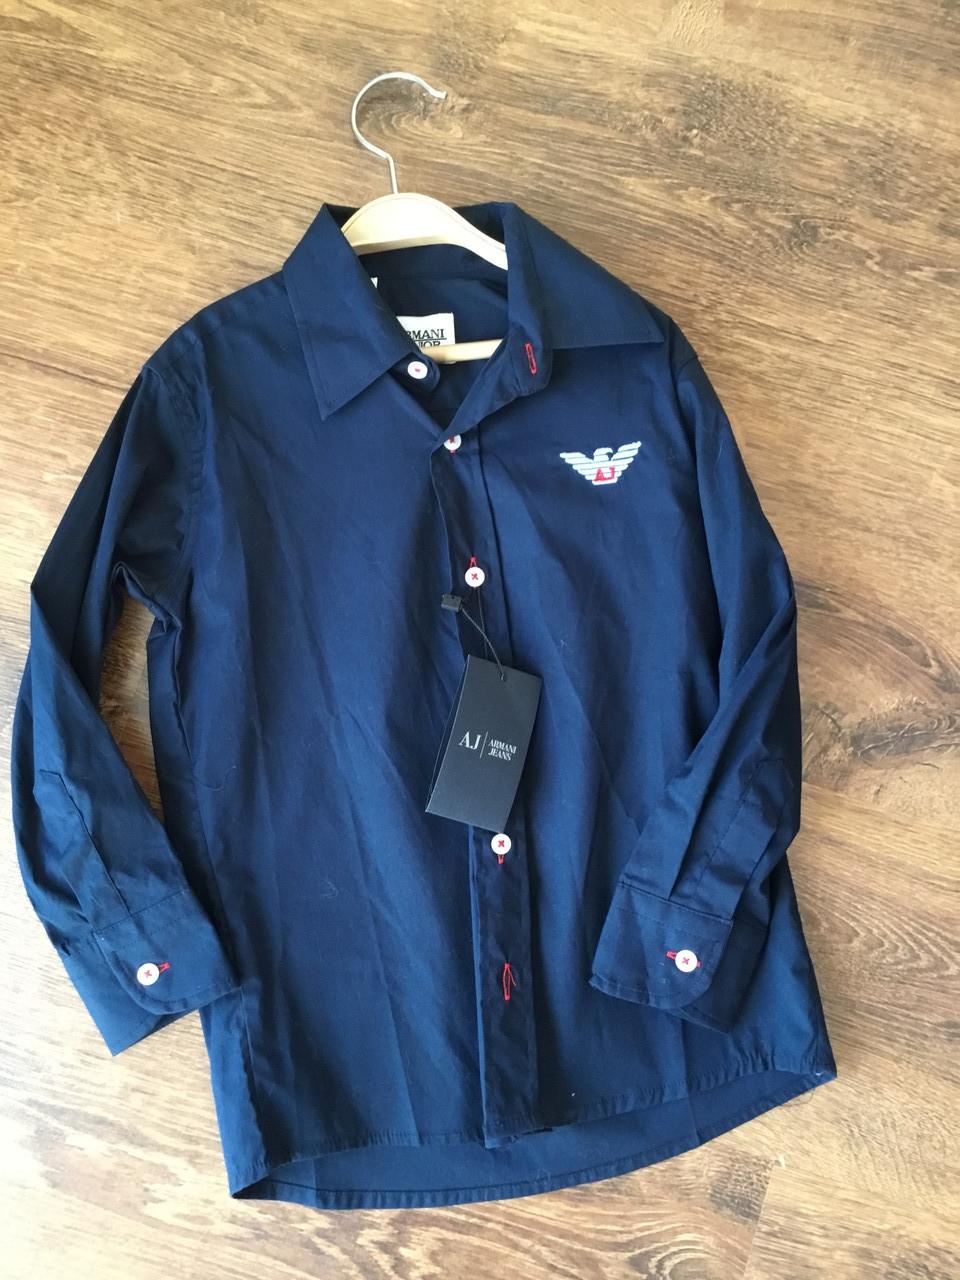 Модная рубашка для мальчика в темно-синем цвете